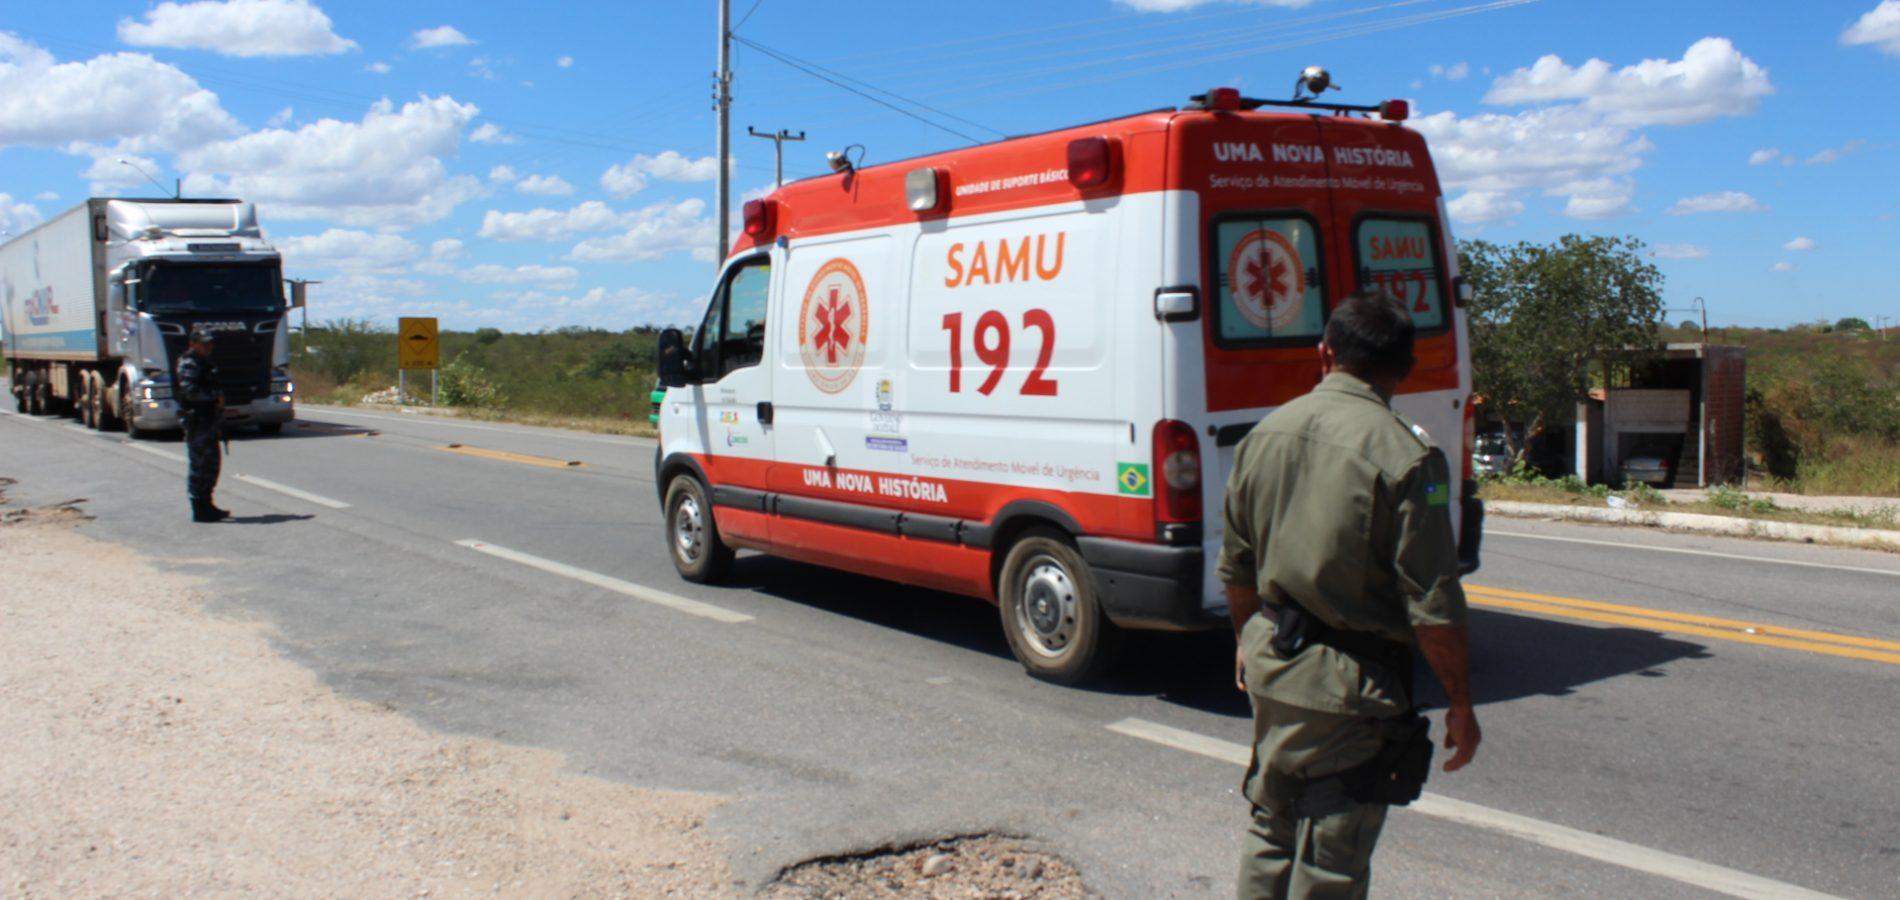 Em 4 meses, SAMU de Jaicós já atendeu 72 ocorrências; 13 mortes foram registradas